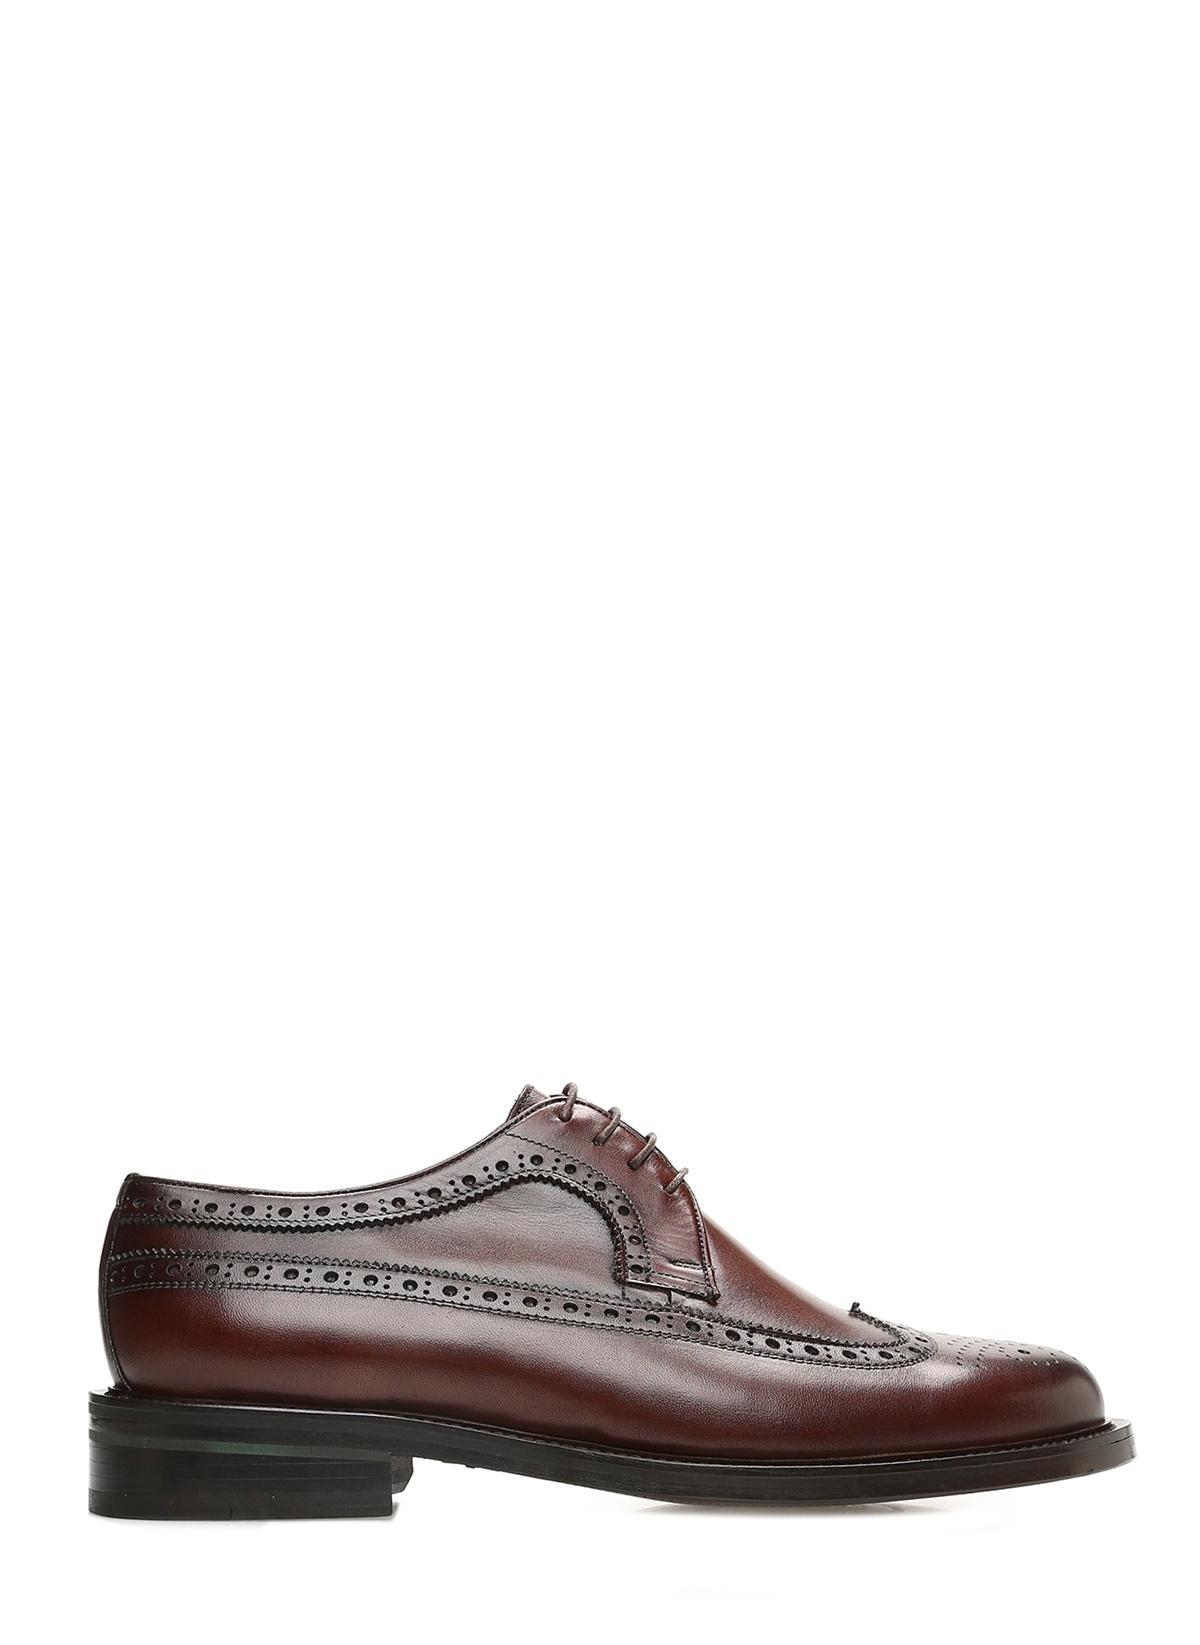 George Hogg %100 Deri Oxford Ayakkabı 7001699 E Ayakkabı – 779.4 TL